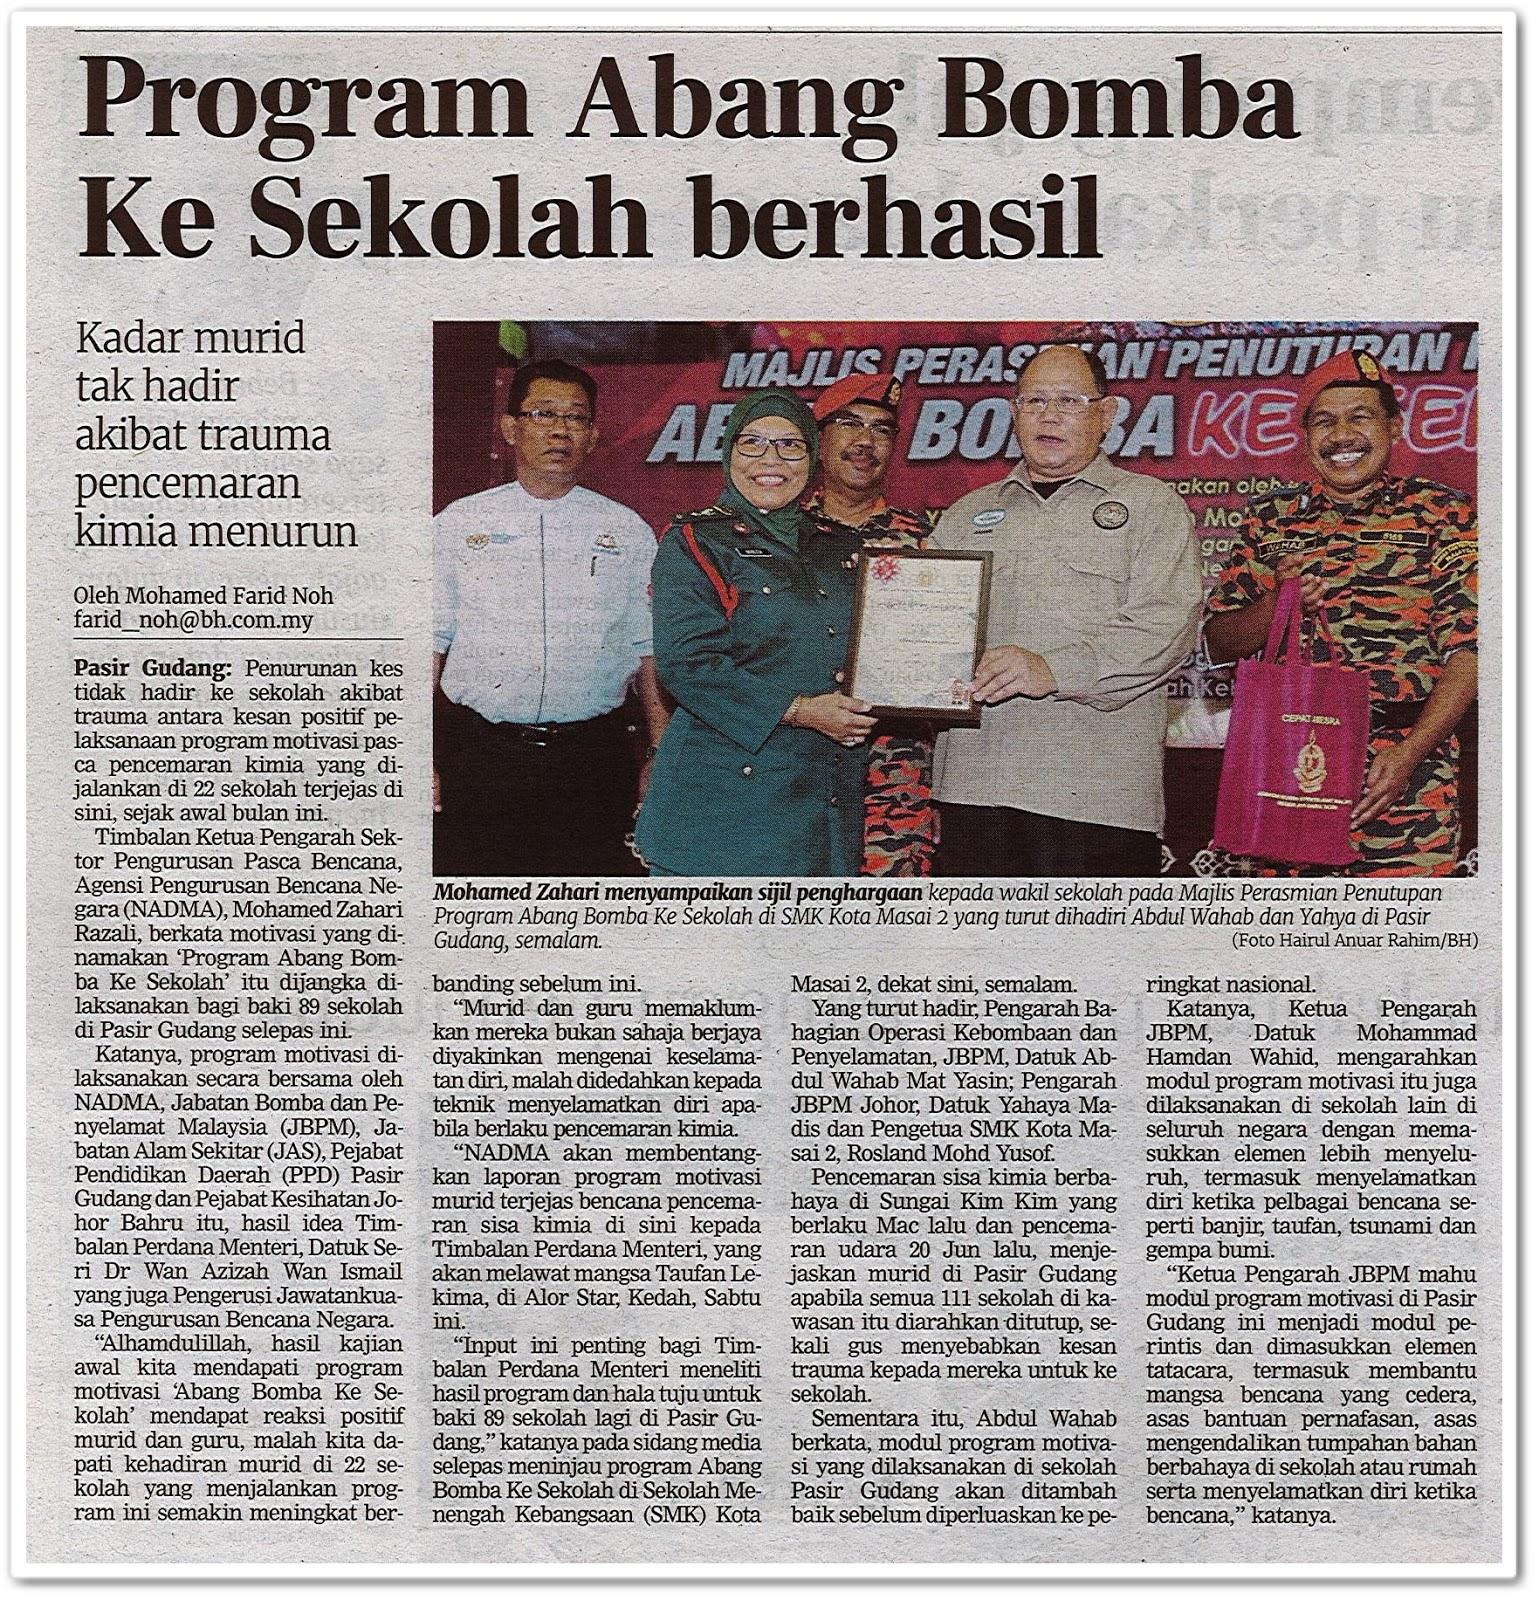 Program Abang Bomba Ke Sekolah berhasil - Keratan akhbar Berita Harian 22 Ogos 2019